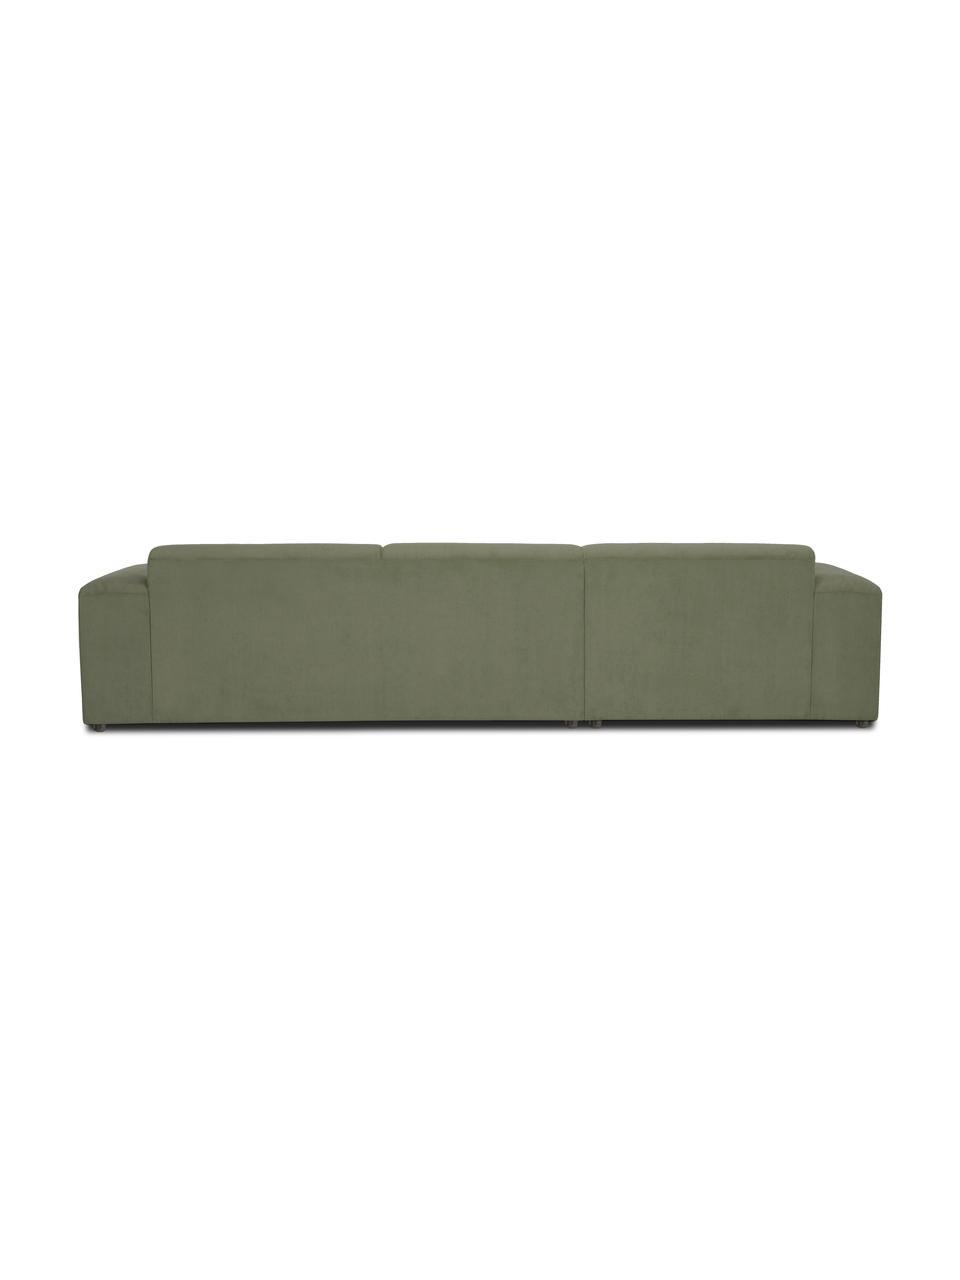 Canapé d'angle 4 places vert Melva, Velours côtelé vert